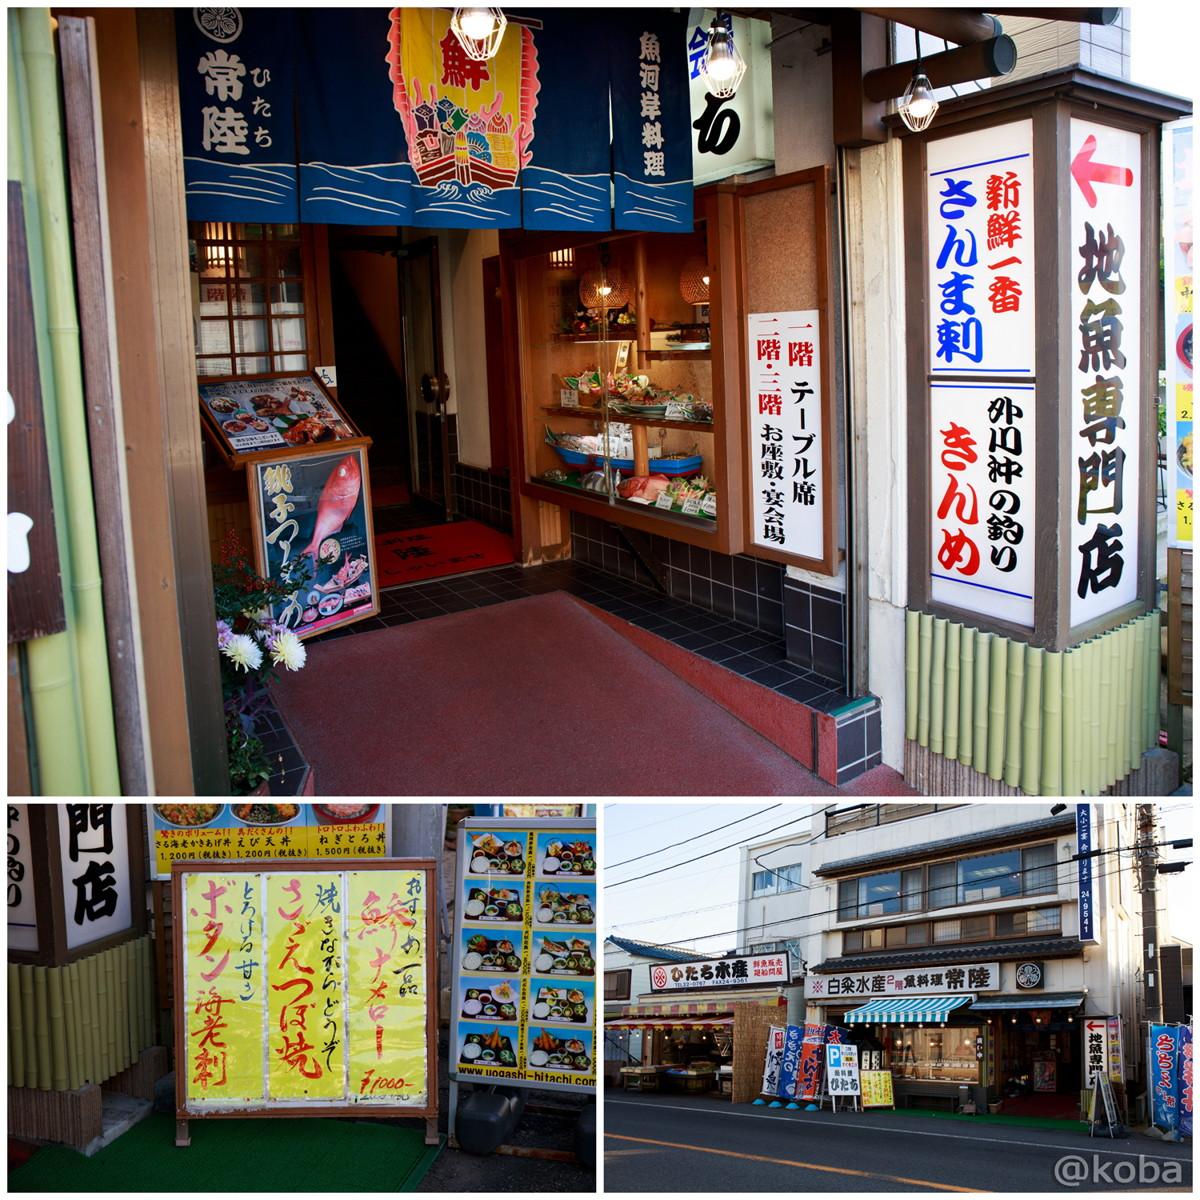 外観入り口 千葉県 銚子市 常陸(ひたち) 魚料理